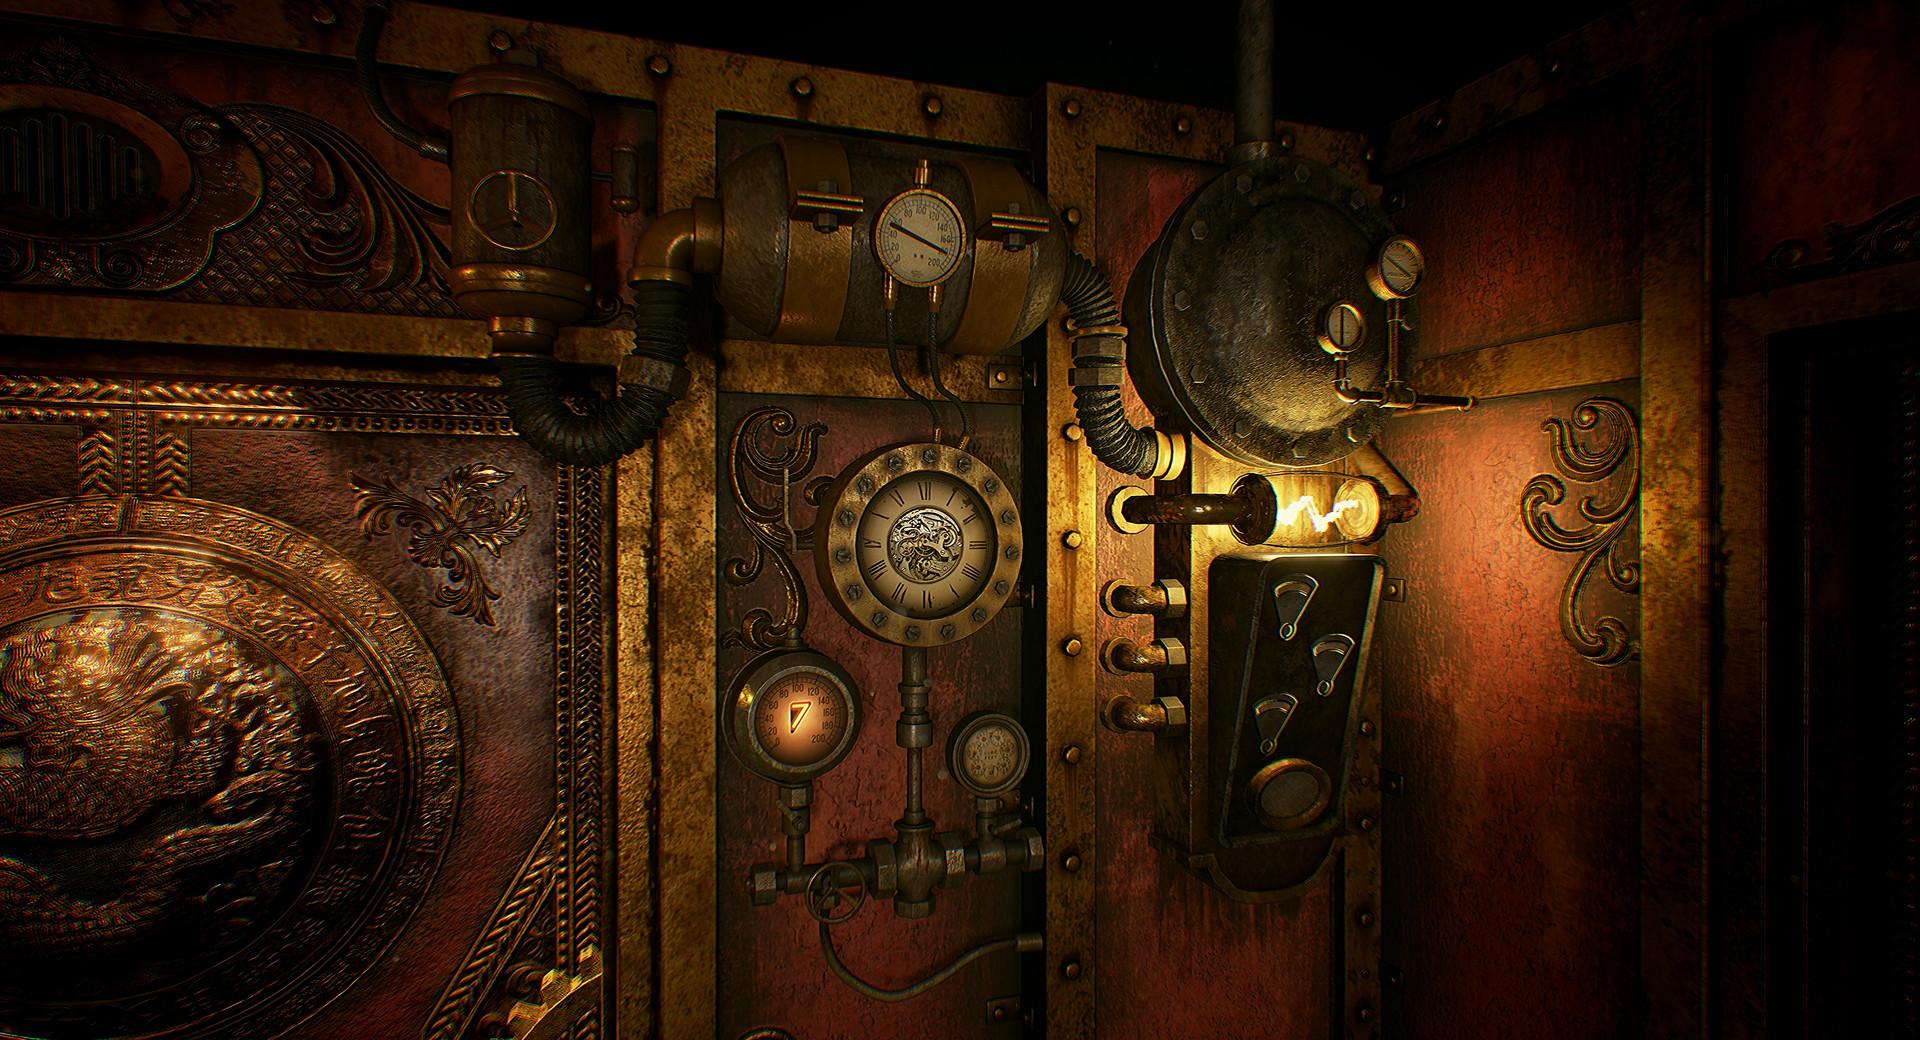 Ste&unk Door & ArtStation - Steampunk Room Andre Aspirany